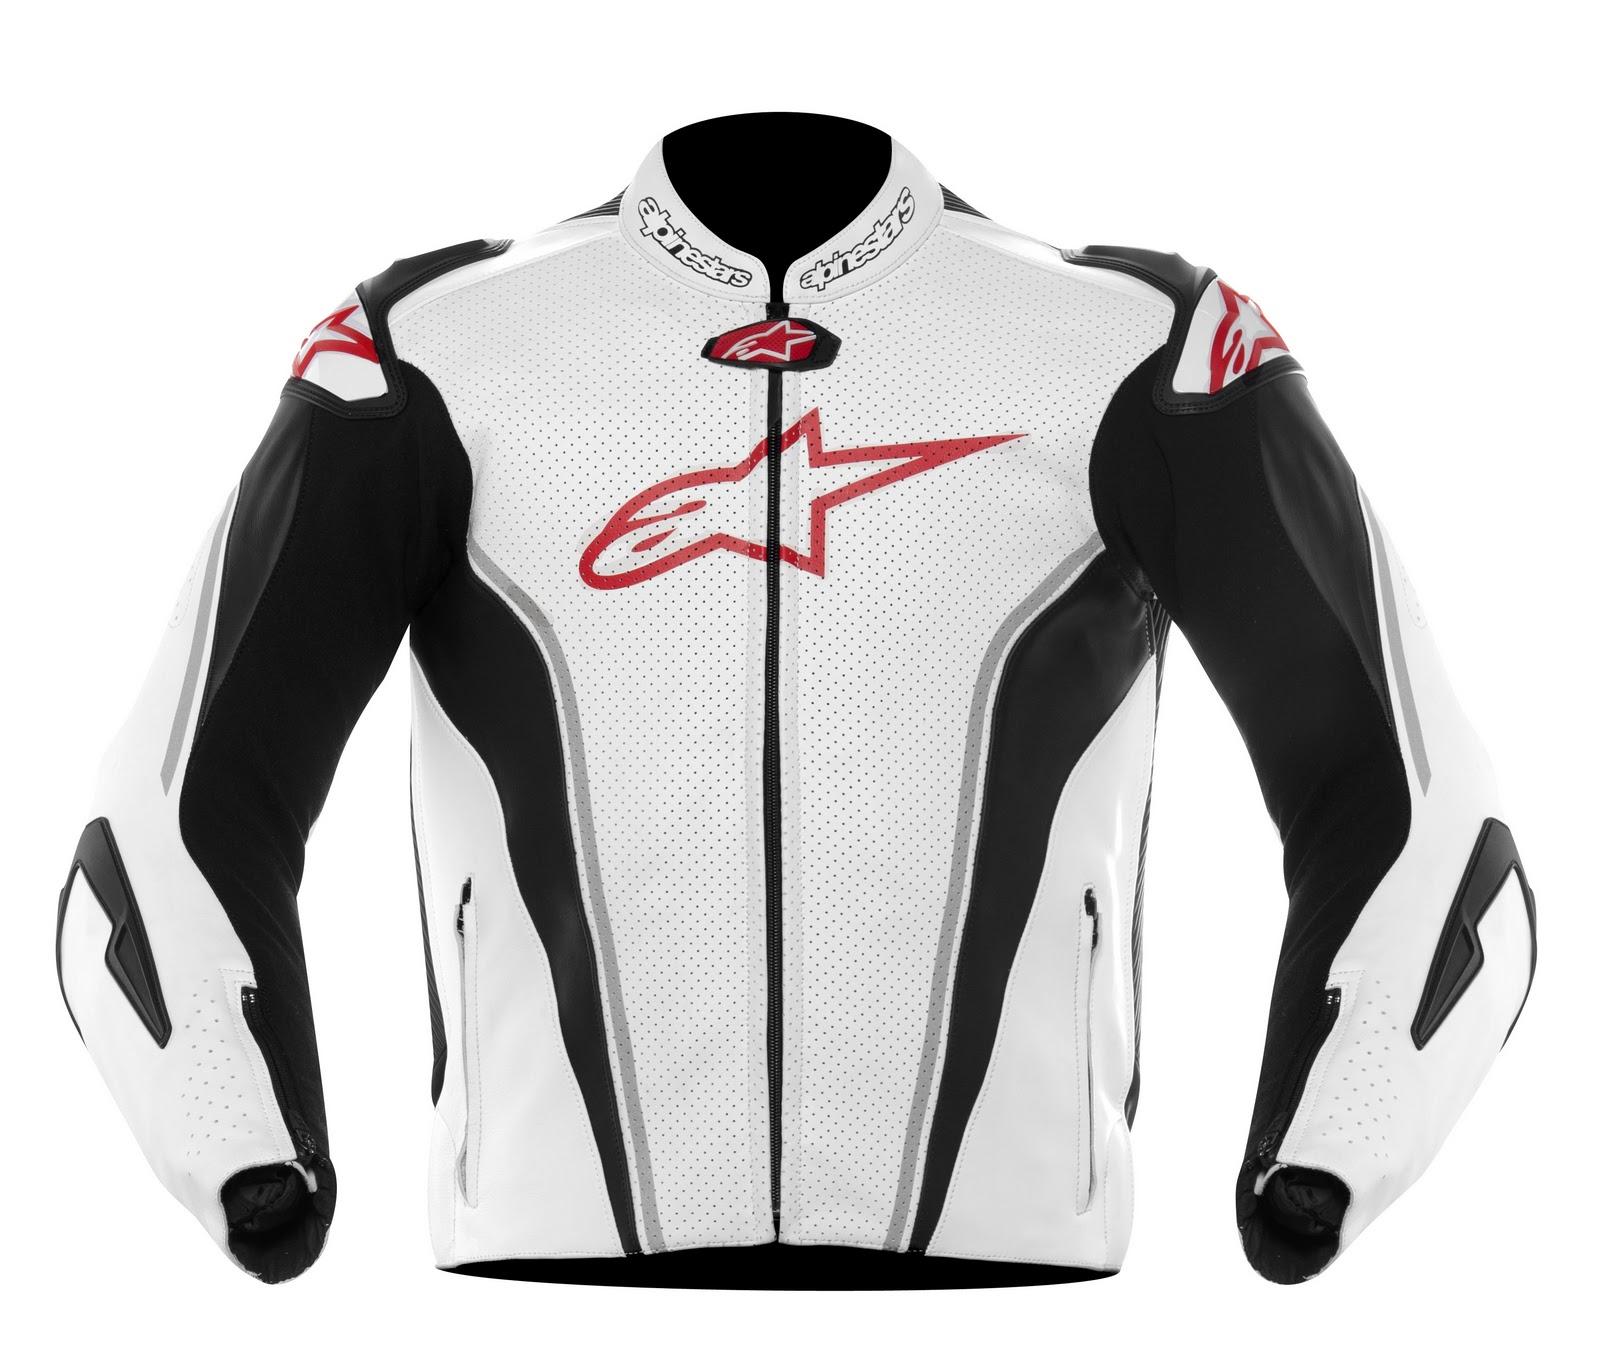 Alpinestars Spring 2012 Gear